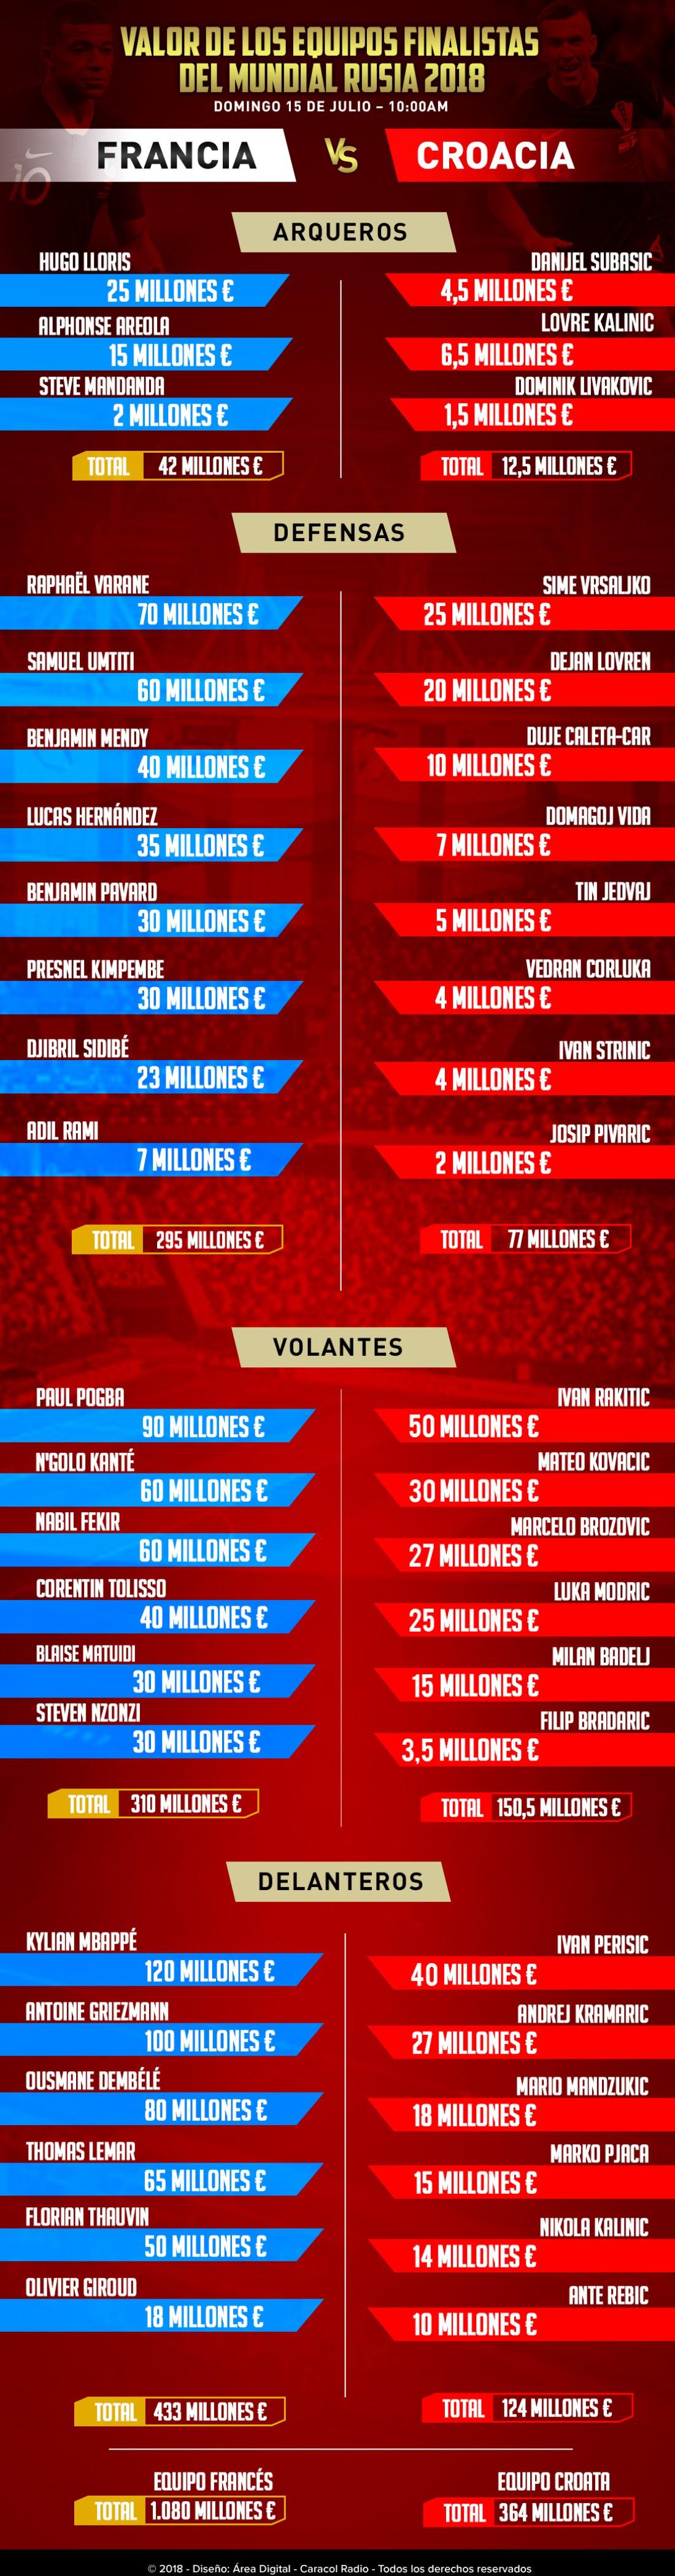 En vivo Francia Croacia final Mundial Rusia 2018 costo nóminas: Peso por peso: valor de las nóminas de Francia y Croacia